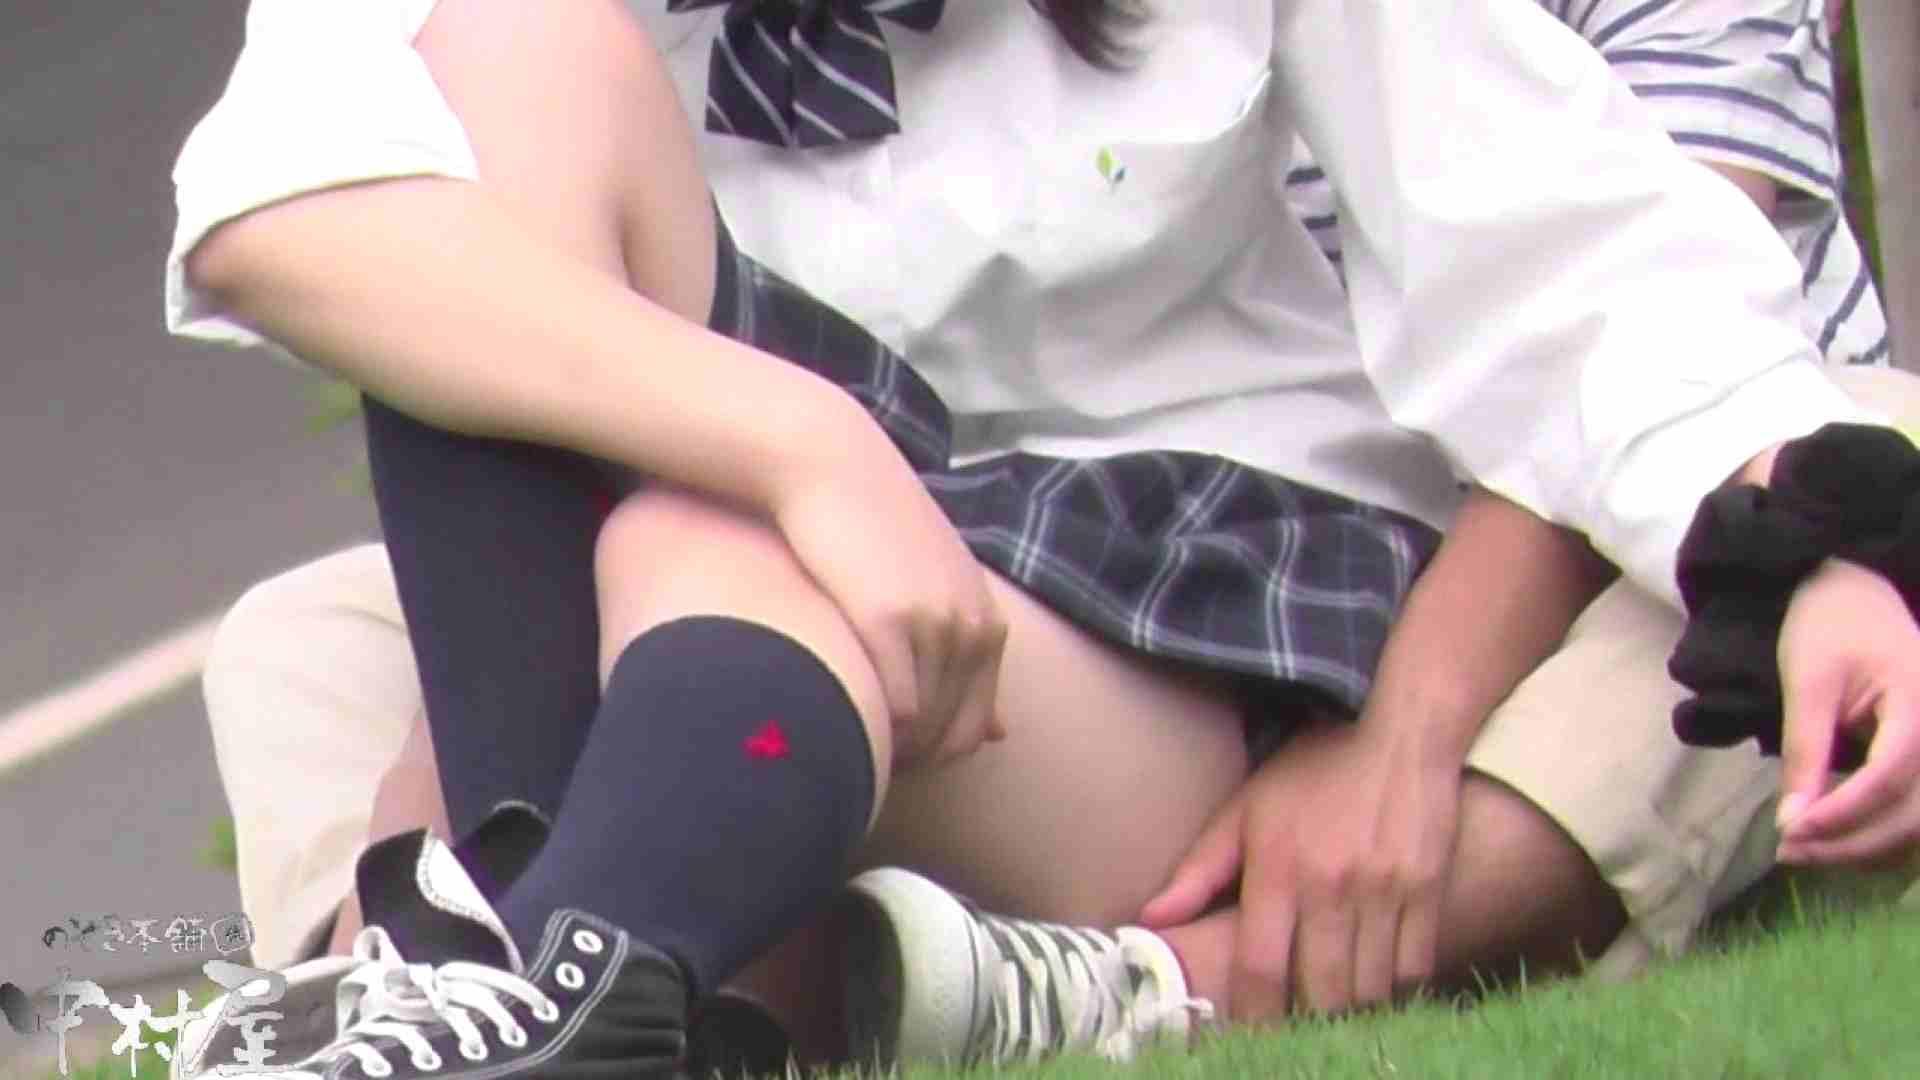 ドキドキ❤新入生パンチラ歓迎会vol.18 チラ  86画像 40